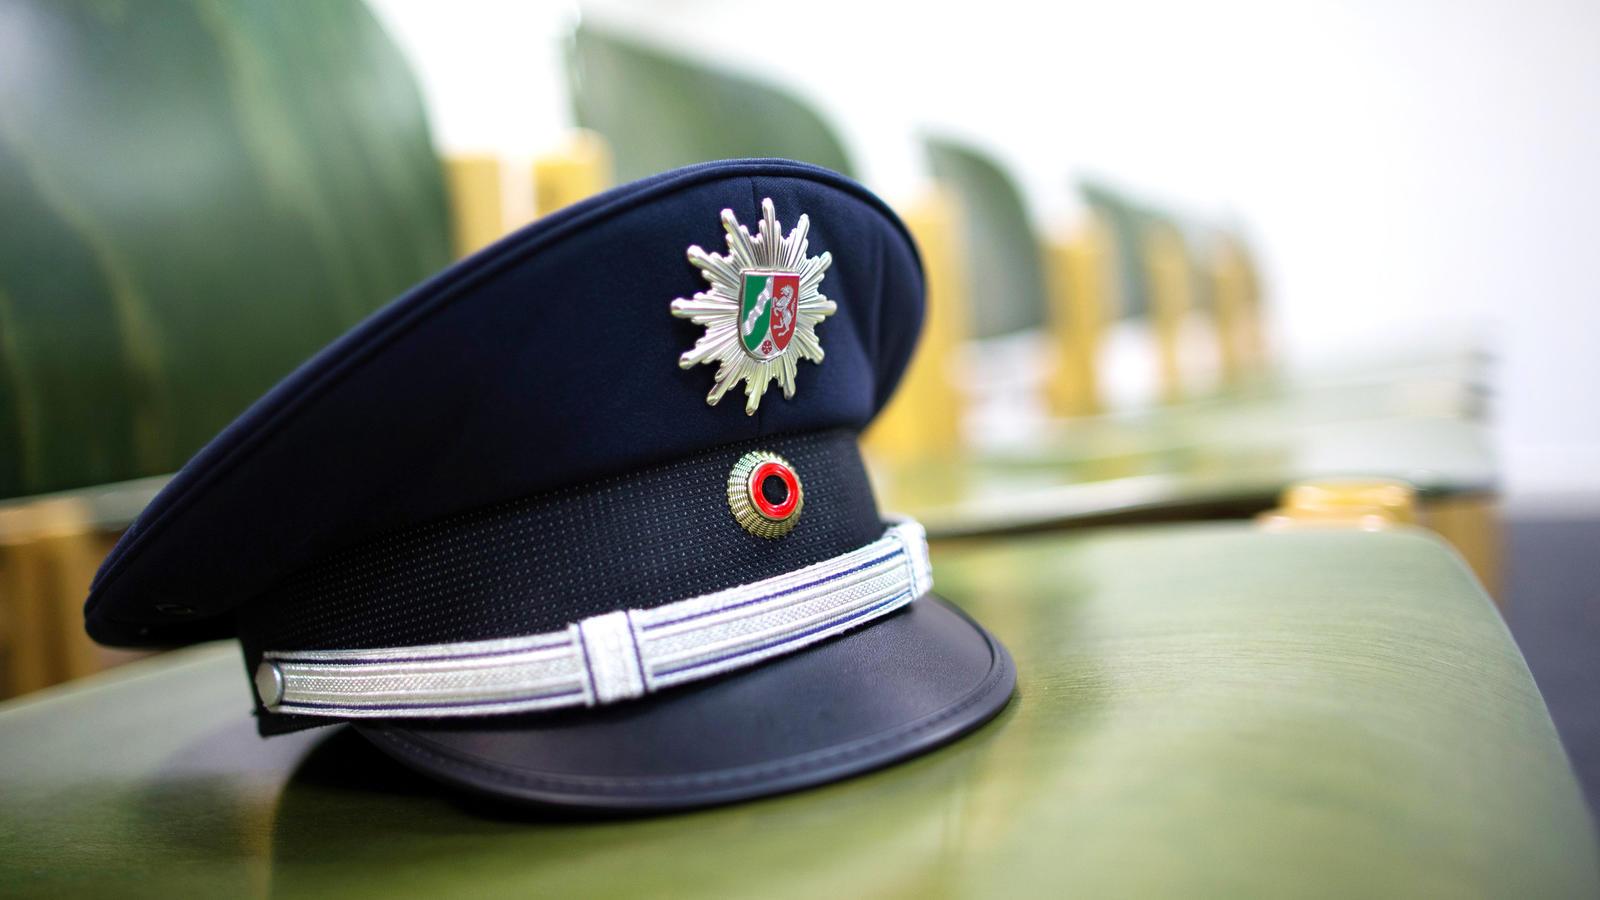 Frau klagt gegen Mindestgröße bei Polizei